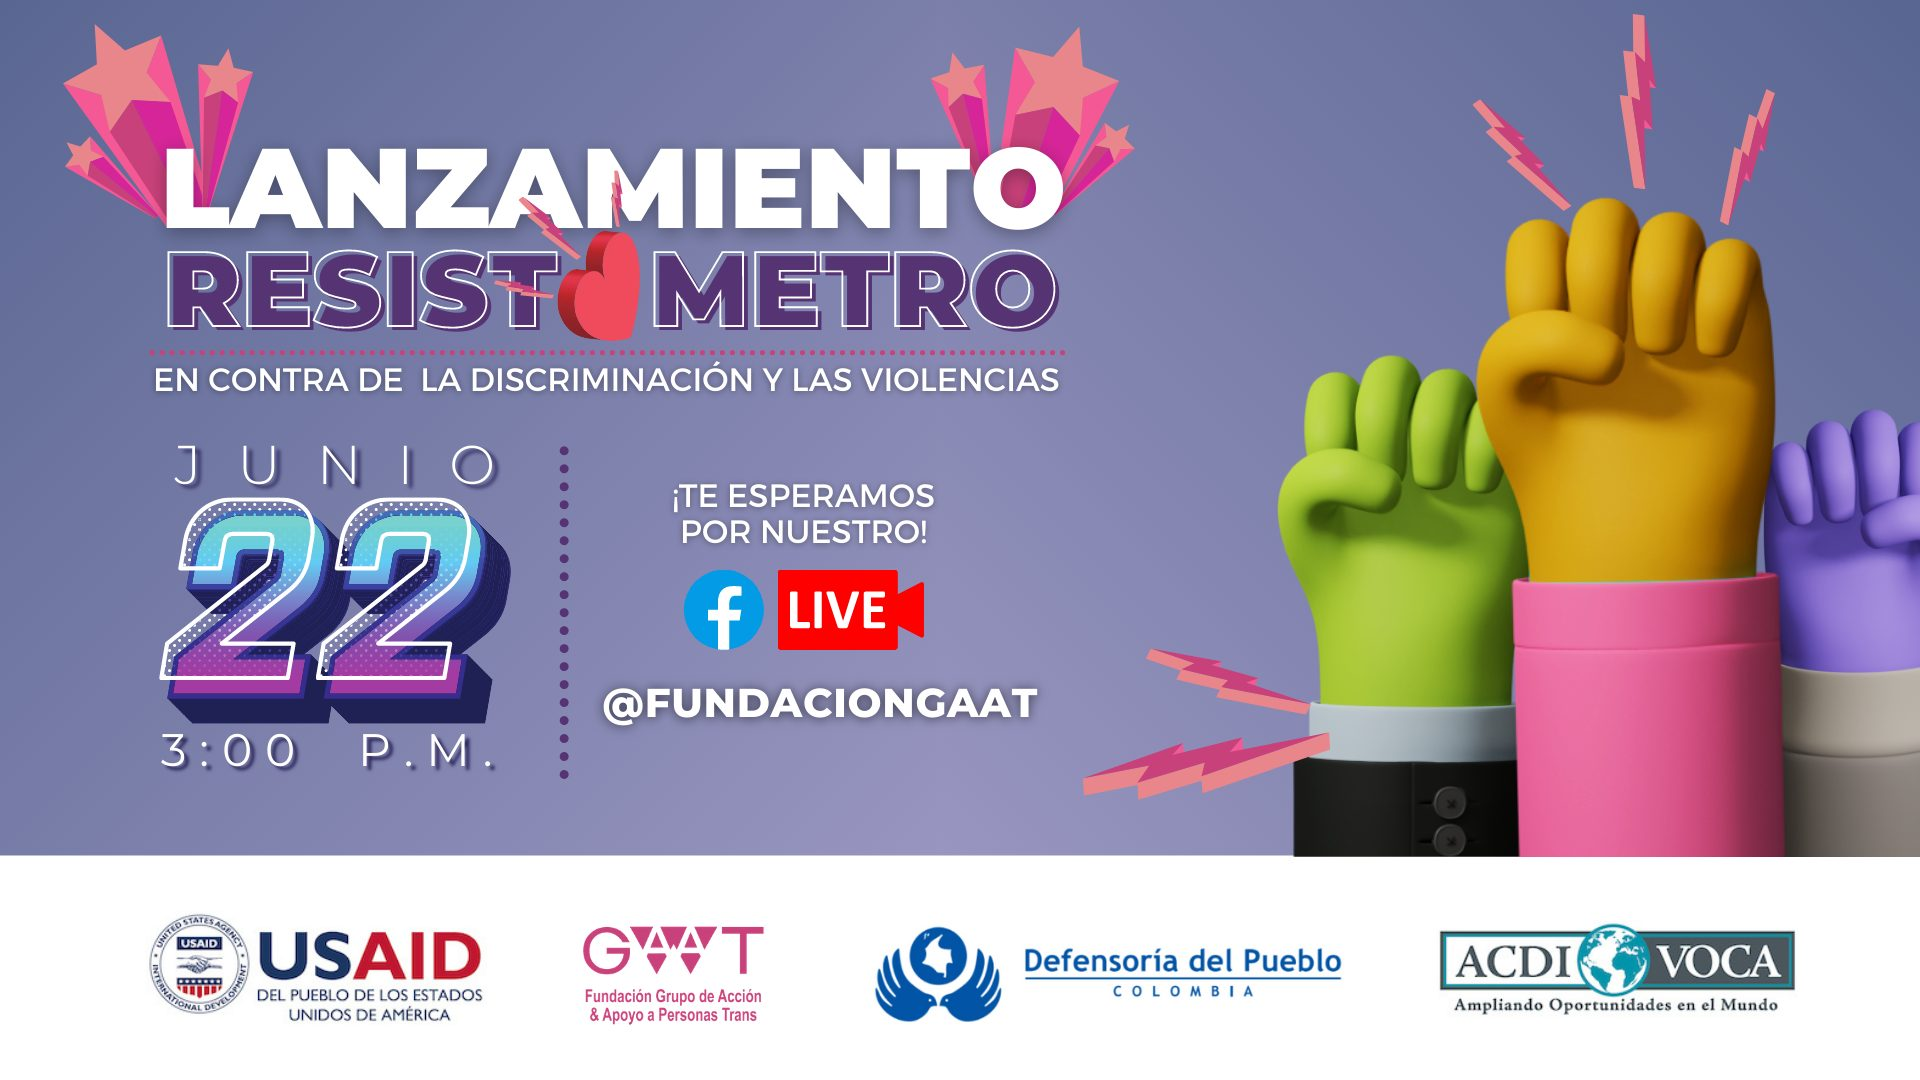 """""""Resistómetro: eliminador de discriminaciones y violencias"""":  una estrategia para prevenir violencias en contra de las personas LGBTIQ+ colombianas y migrantes"""